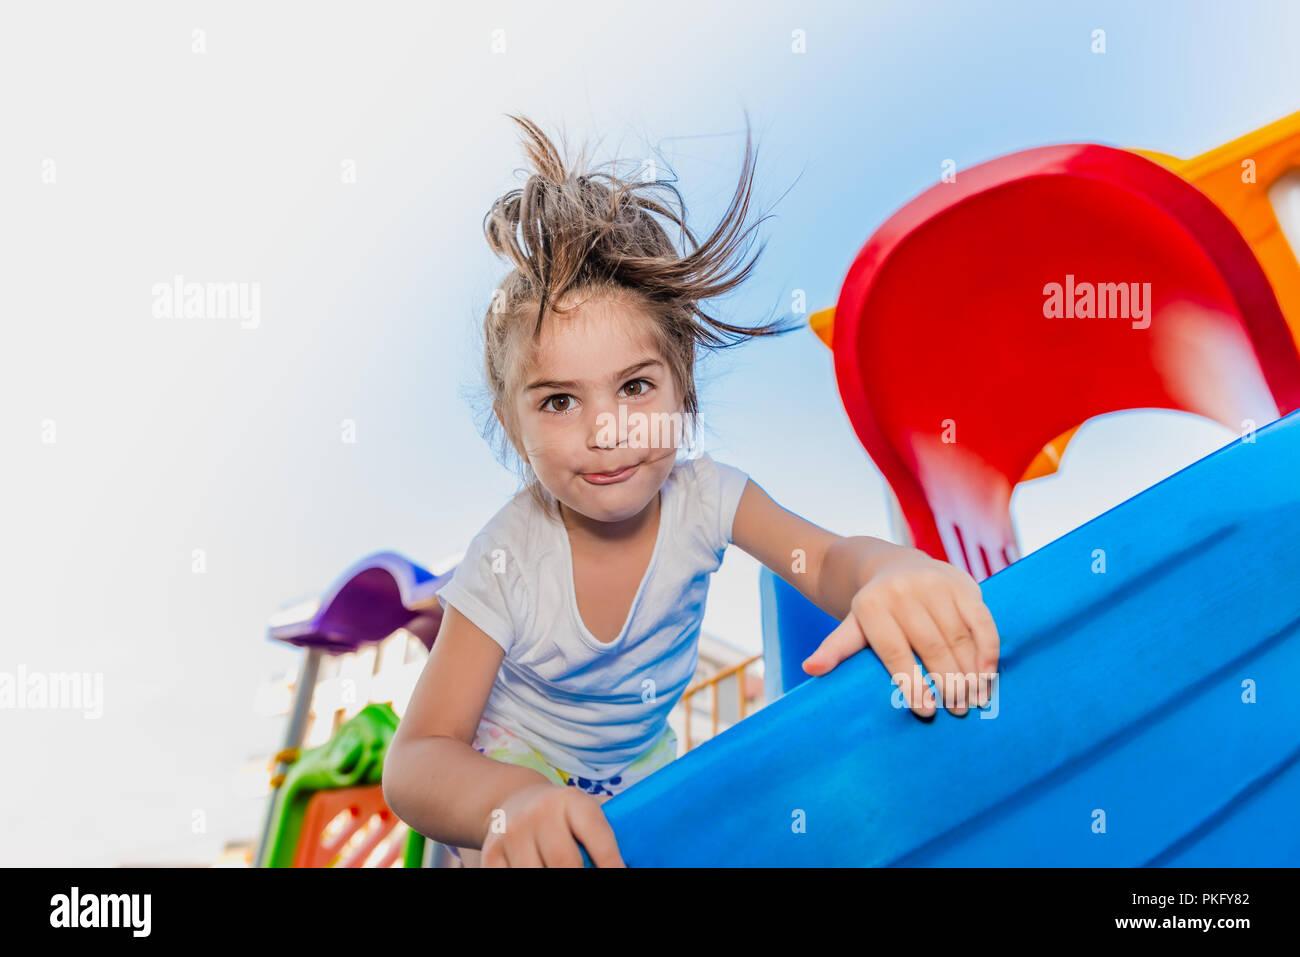 Portrait von niedlichen kleinen Mädchen halten und Klettern Schieberegler auf dem Spielplatz zu erreichen Stockbild